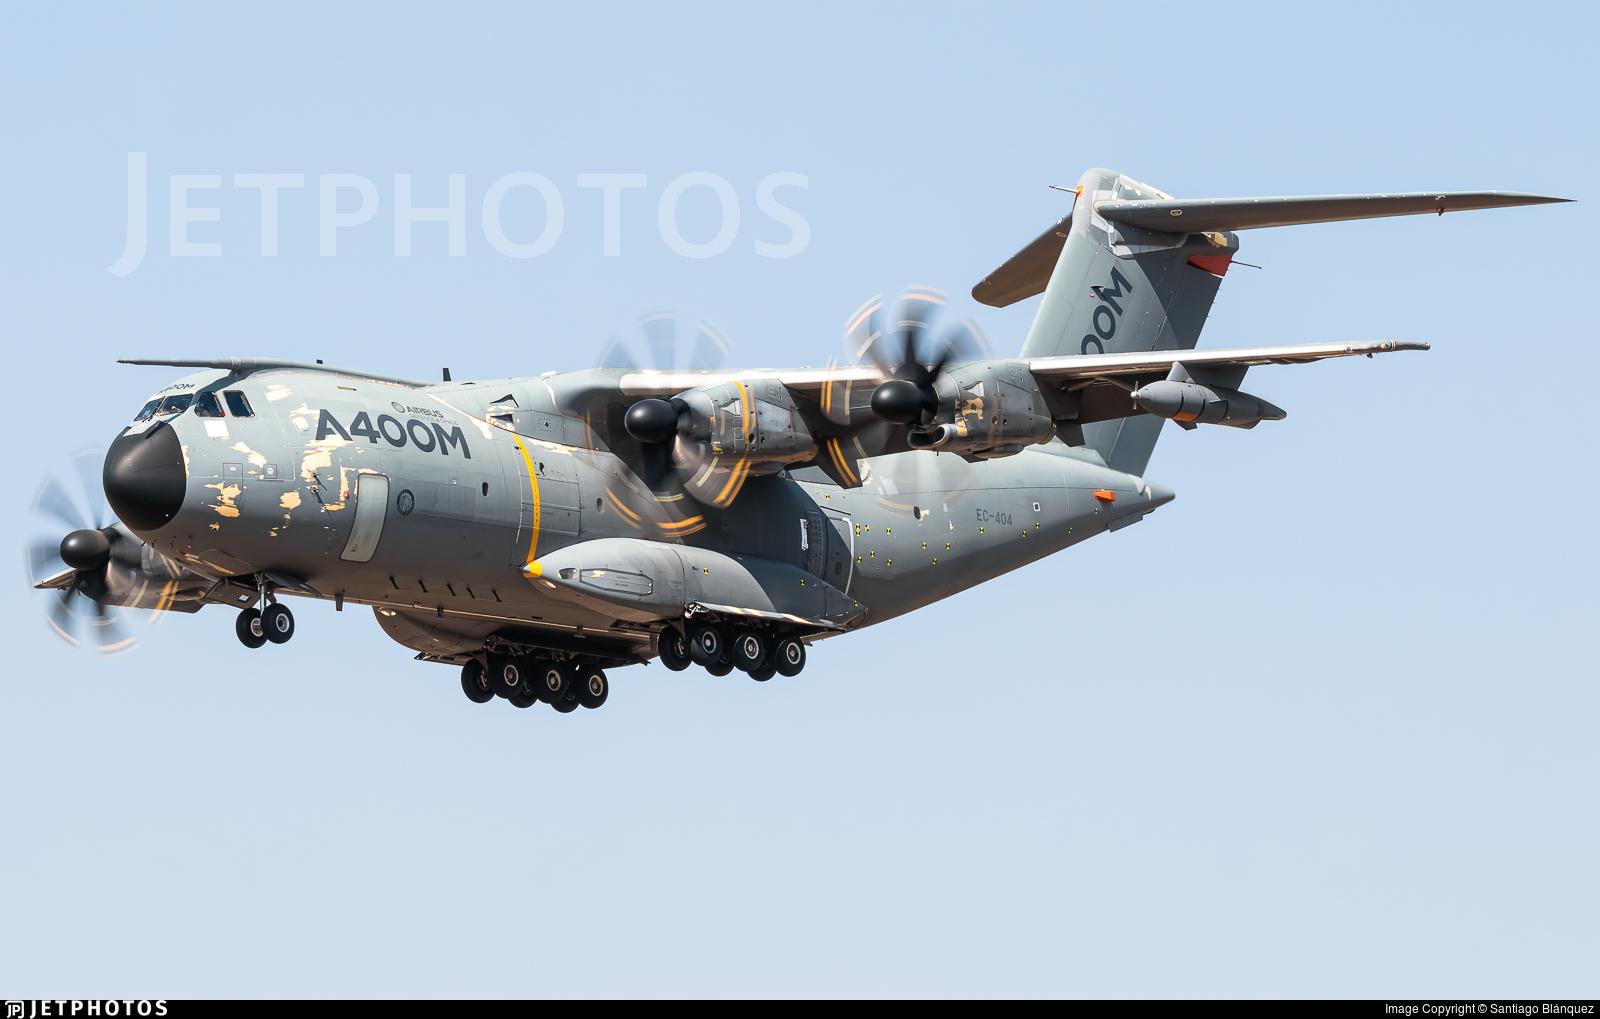 EC-404 - Airbus A400M - Airbus Military